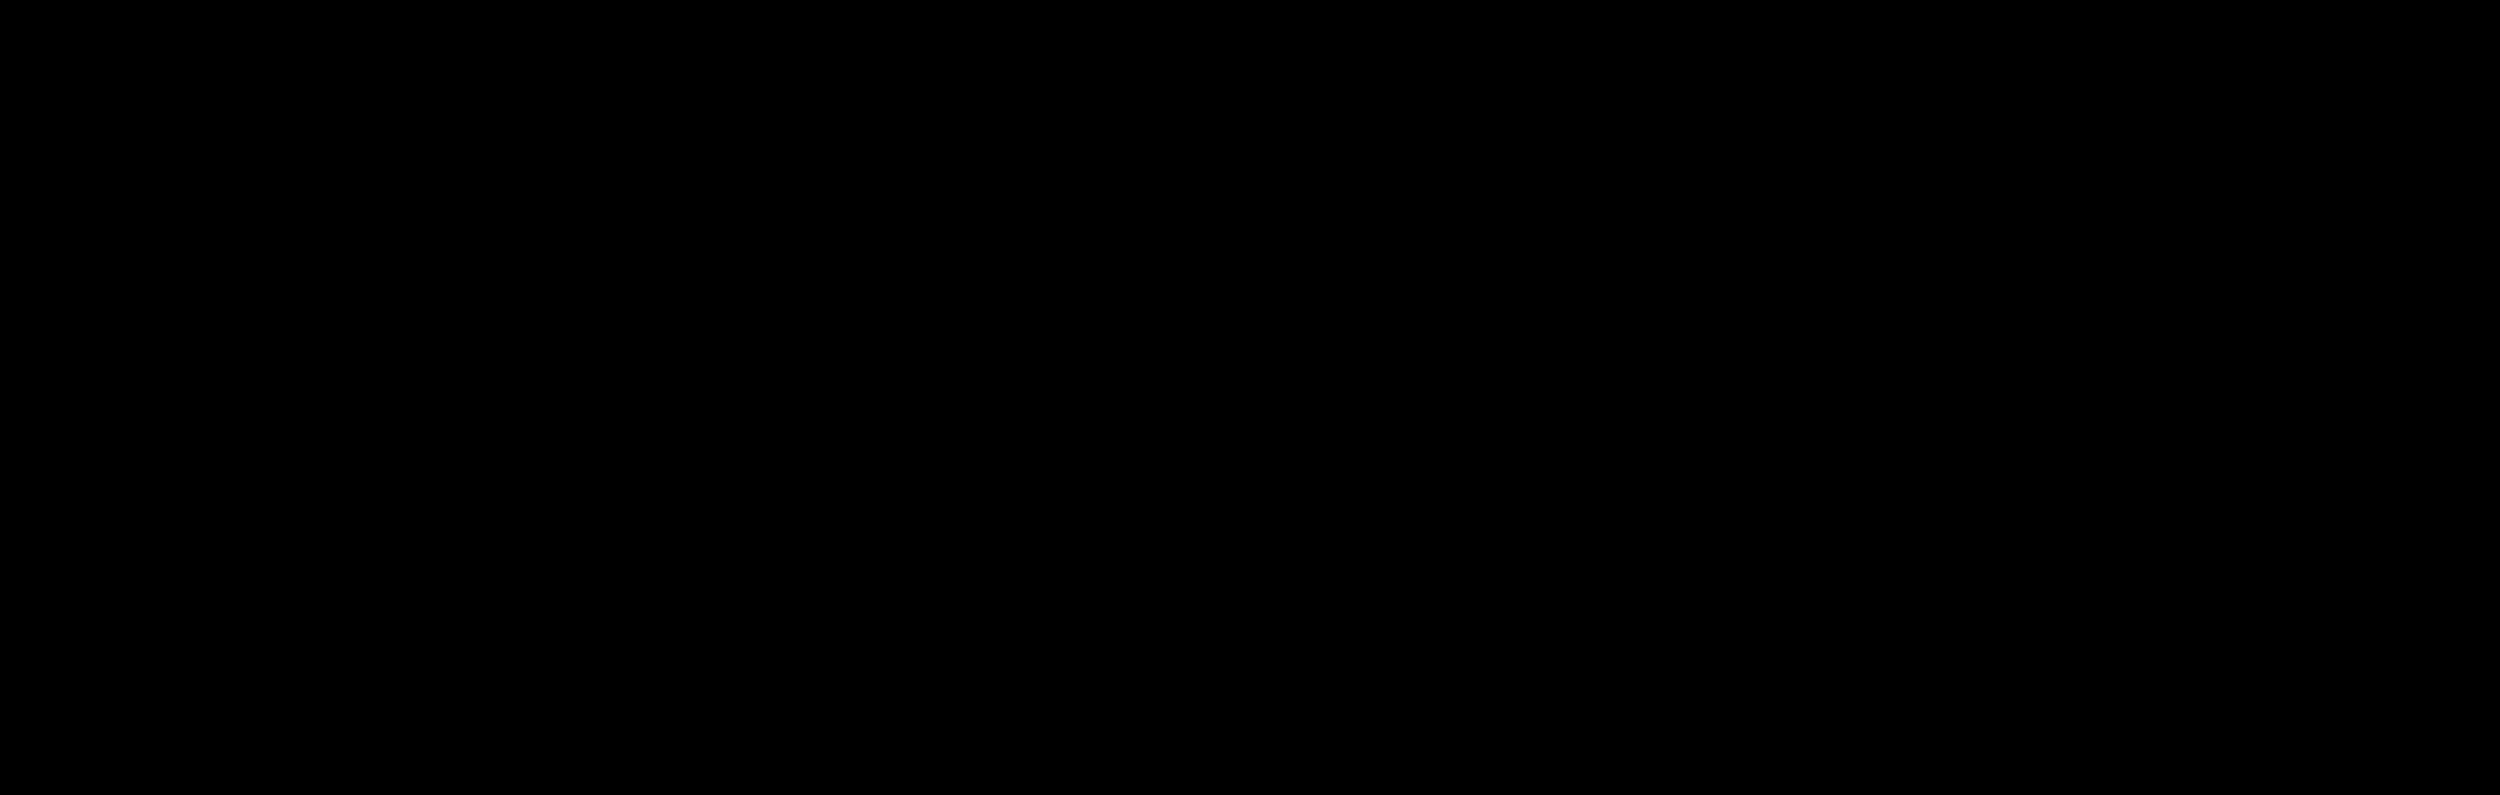 CCMM_Sign_H_FR_K_RGB.png